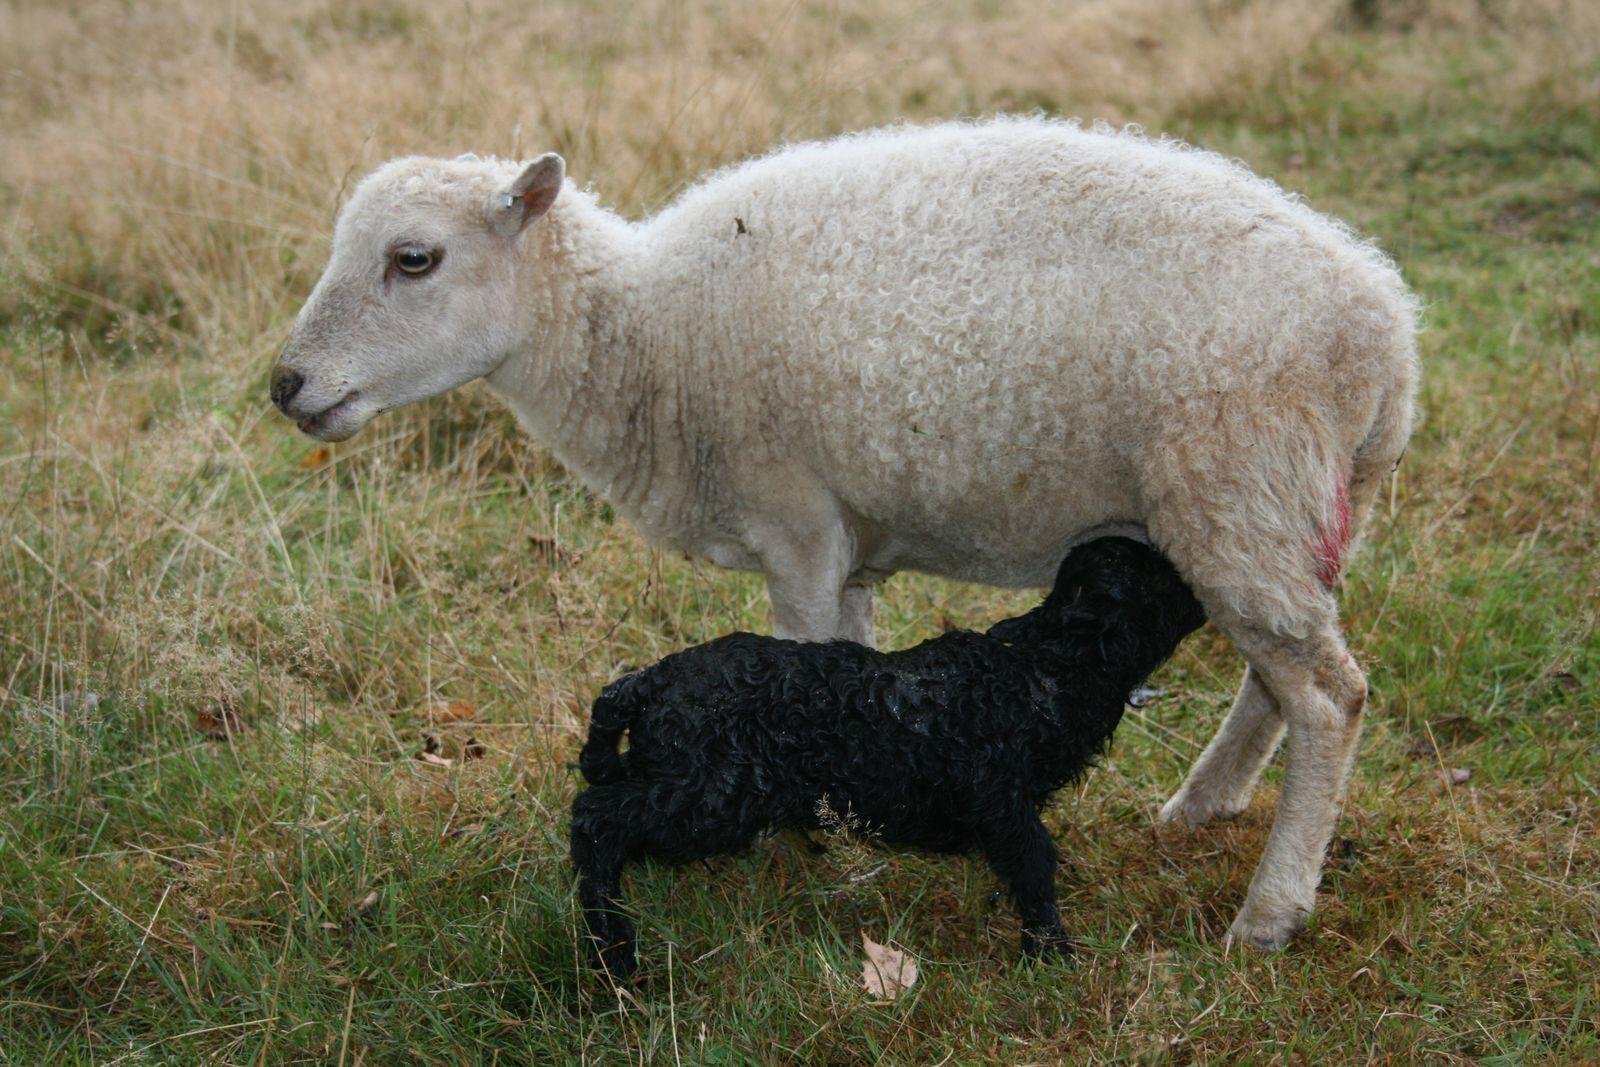 Puis les premières tétées bien réelles assurent ses futures heures d'existence et même grande partie de sa vie, la prise du colostrum, premier lait, étant de la plus haute importance pour construire un agneau puis un mouton solides.